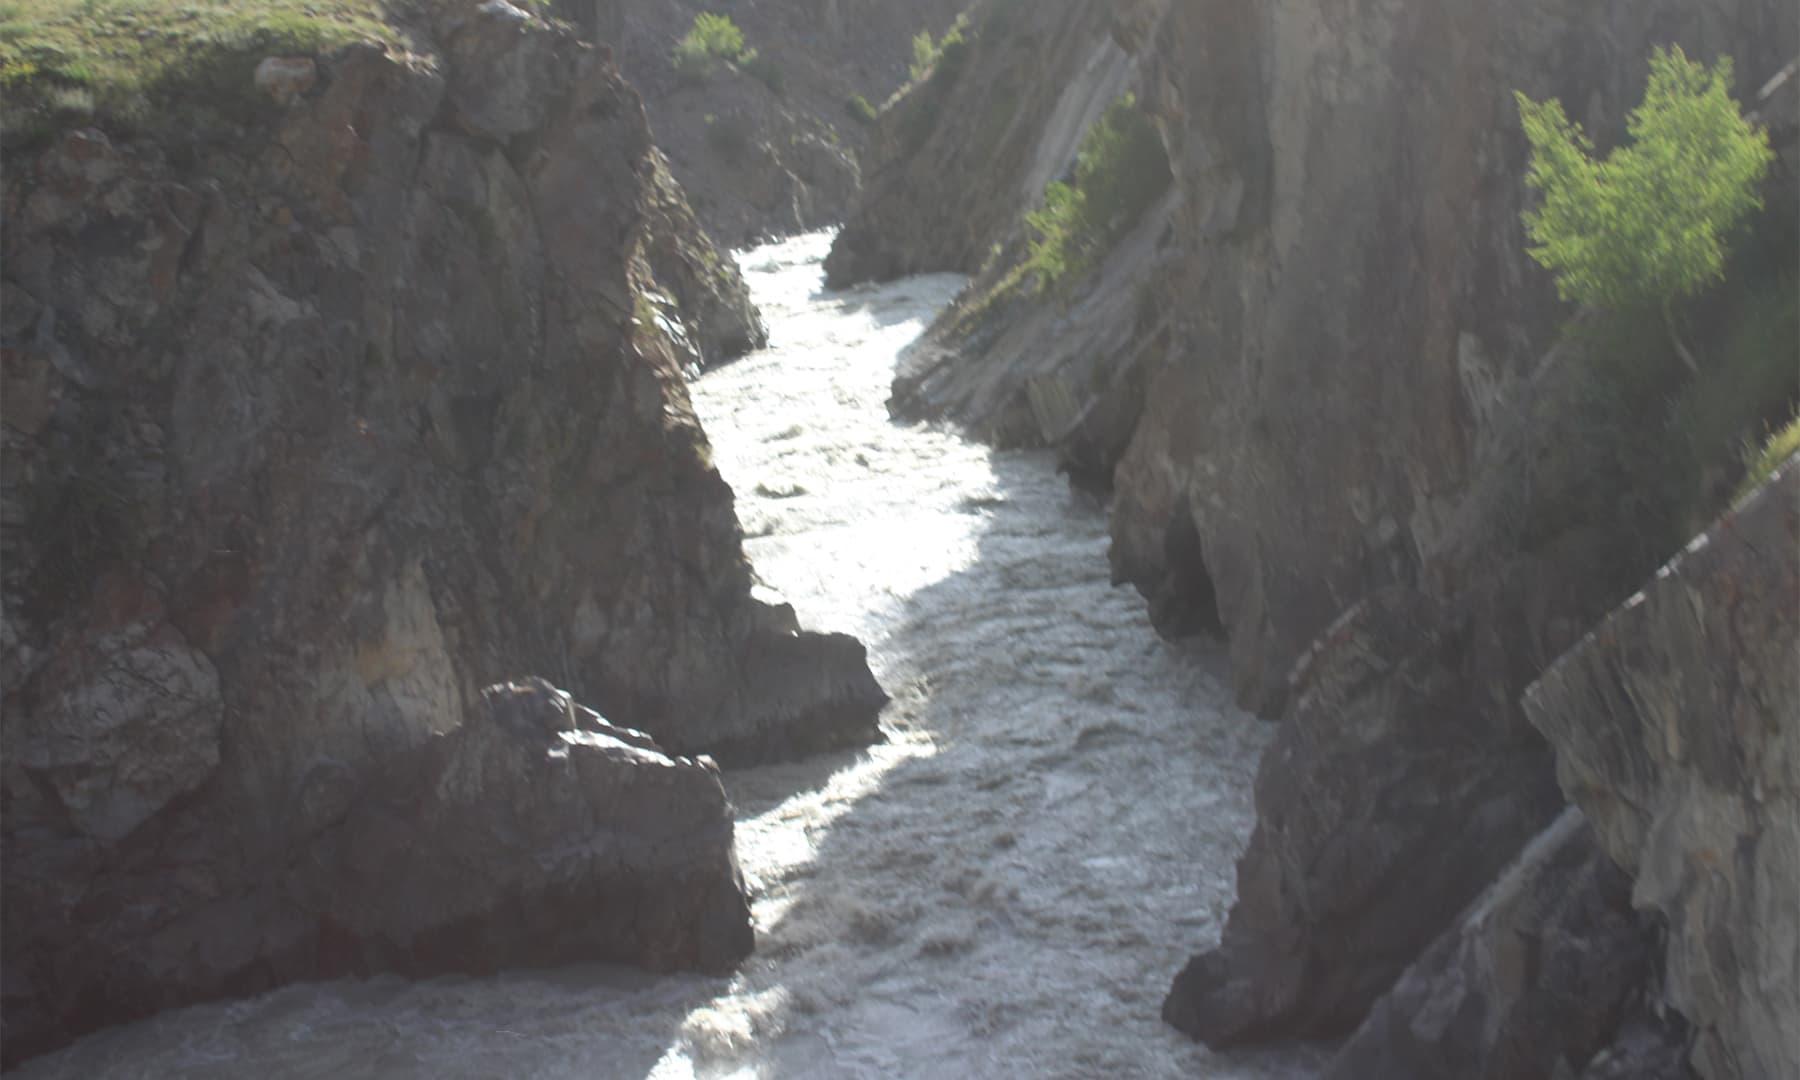 دریائے بروغل جو کہ اب ایک نالے کی شکل اختیار کرچکا تھا